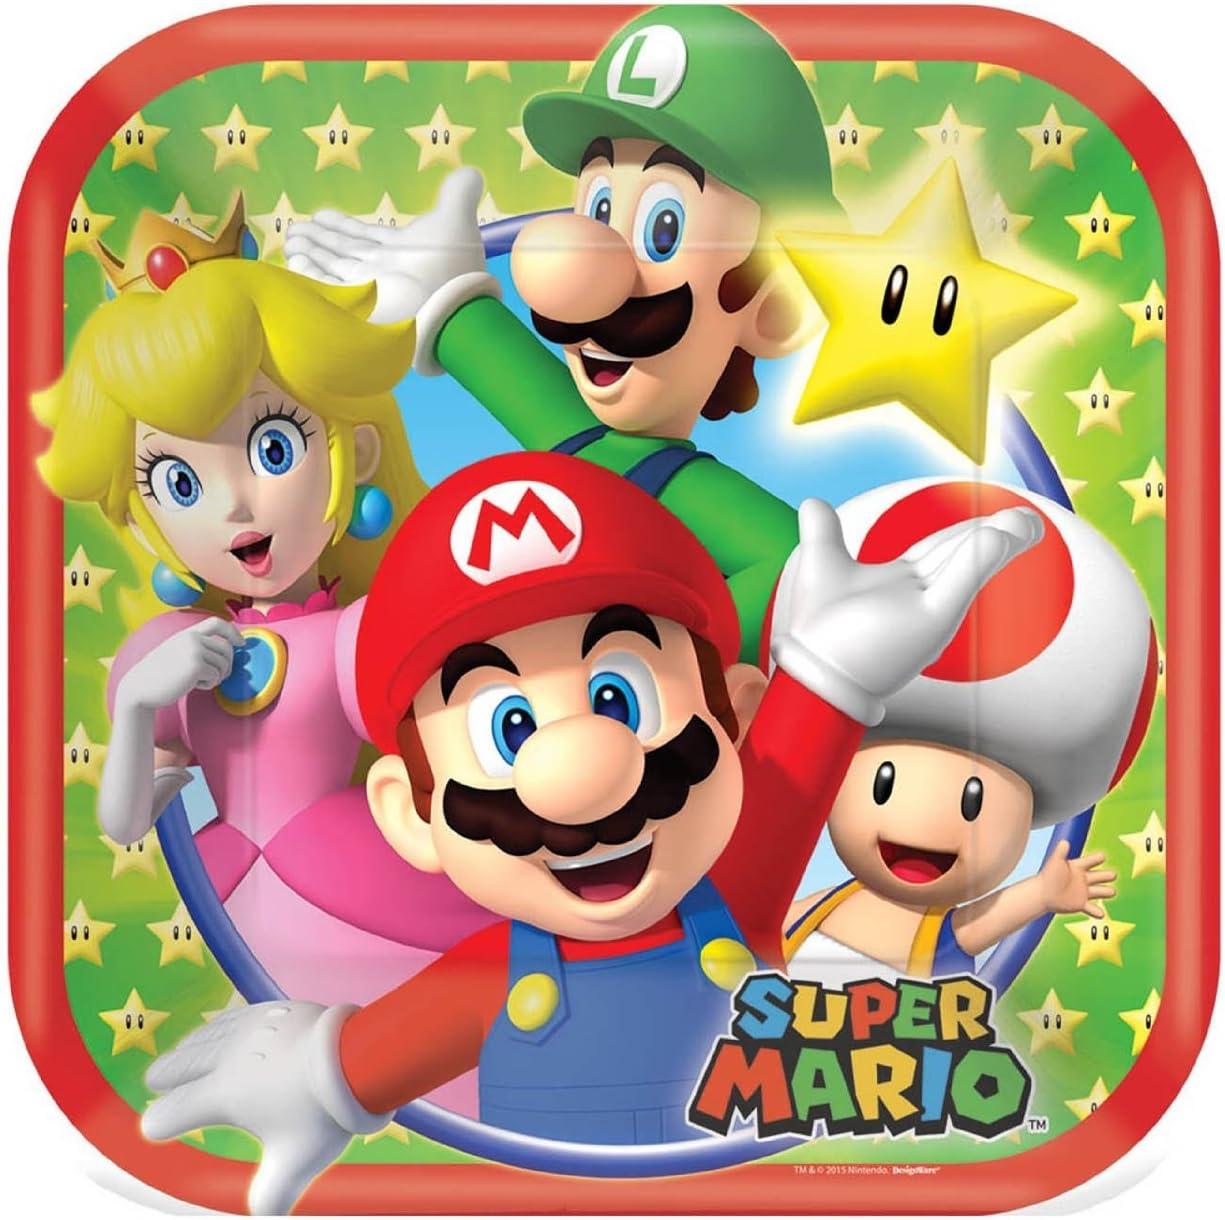 Super Mario Bros Party Pack para 8 Invitados (32 Piezas): Amazon.es: Juguetes y juegos